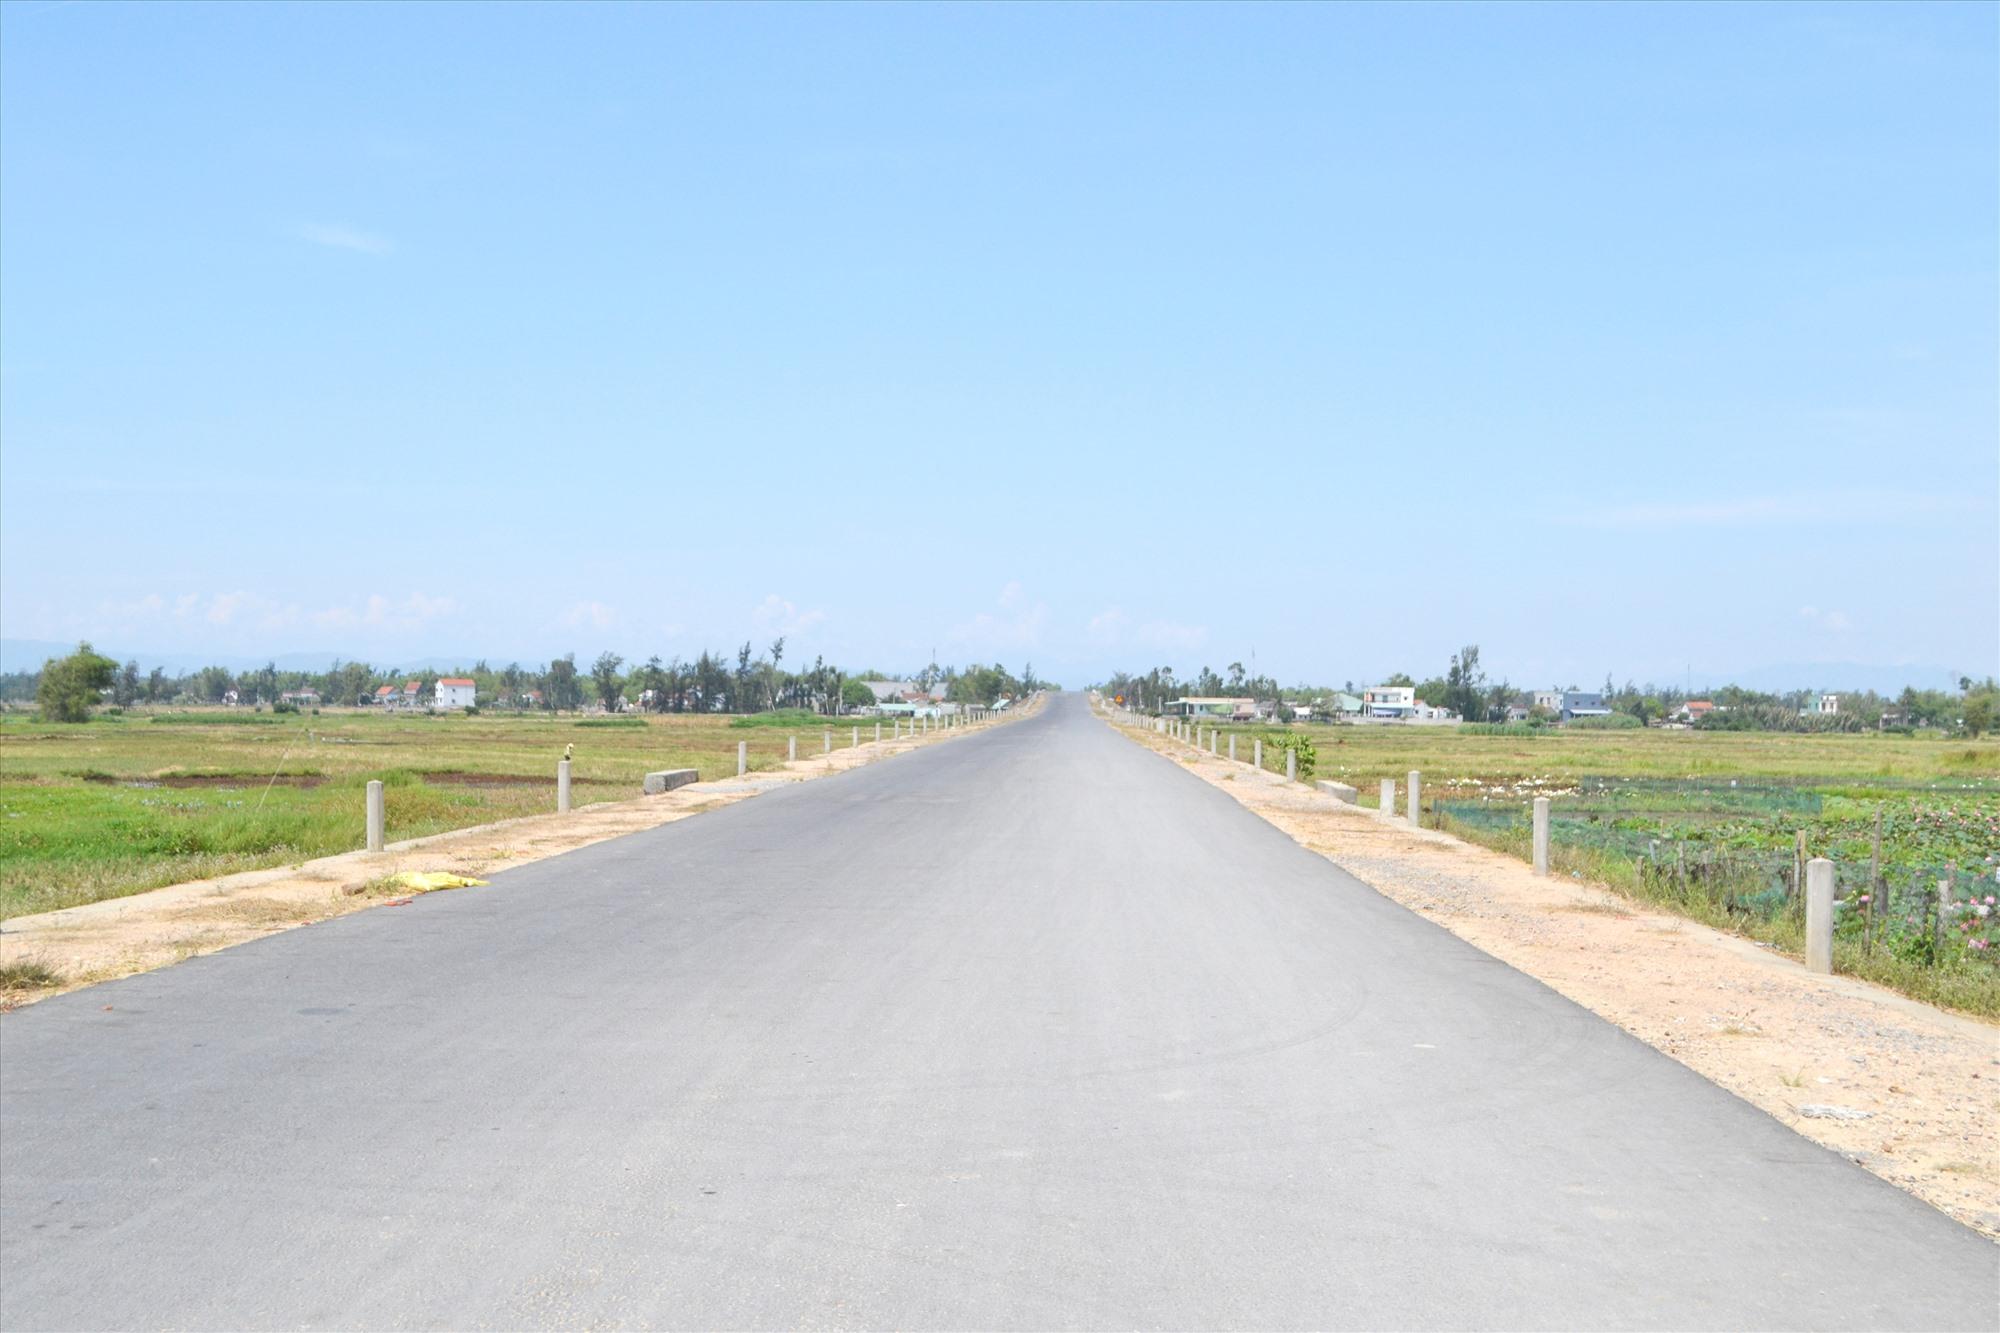 Đường nối từ đường Võ Chí Công lên ngã ba Cây Cốc đã thi công xong đoạn giữa tuyến. Ảnh: CT